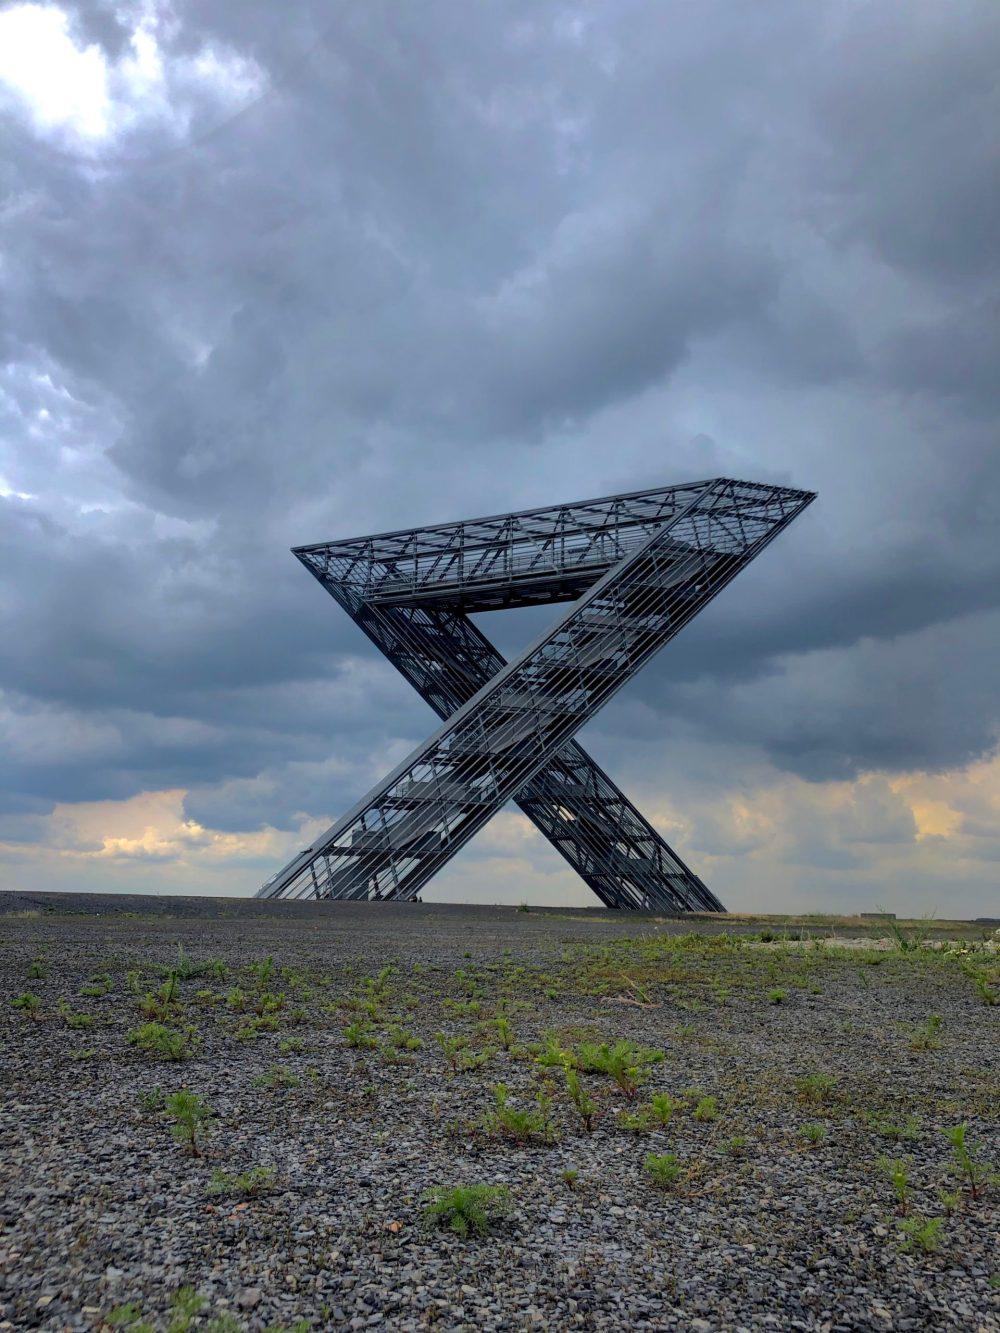 Saarpolygon bei regnerischem Wetter, von der Sicht zweier Dreiecke aus